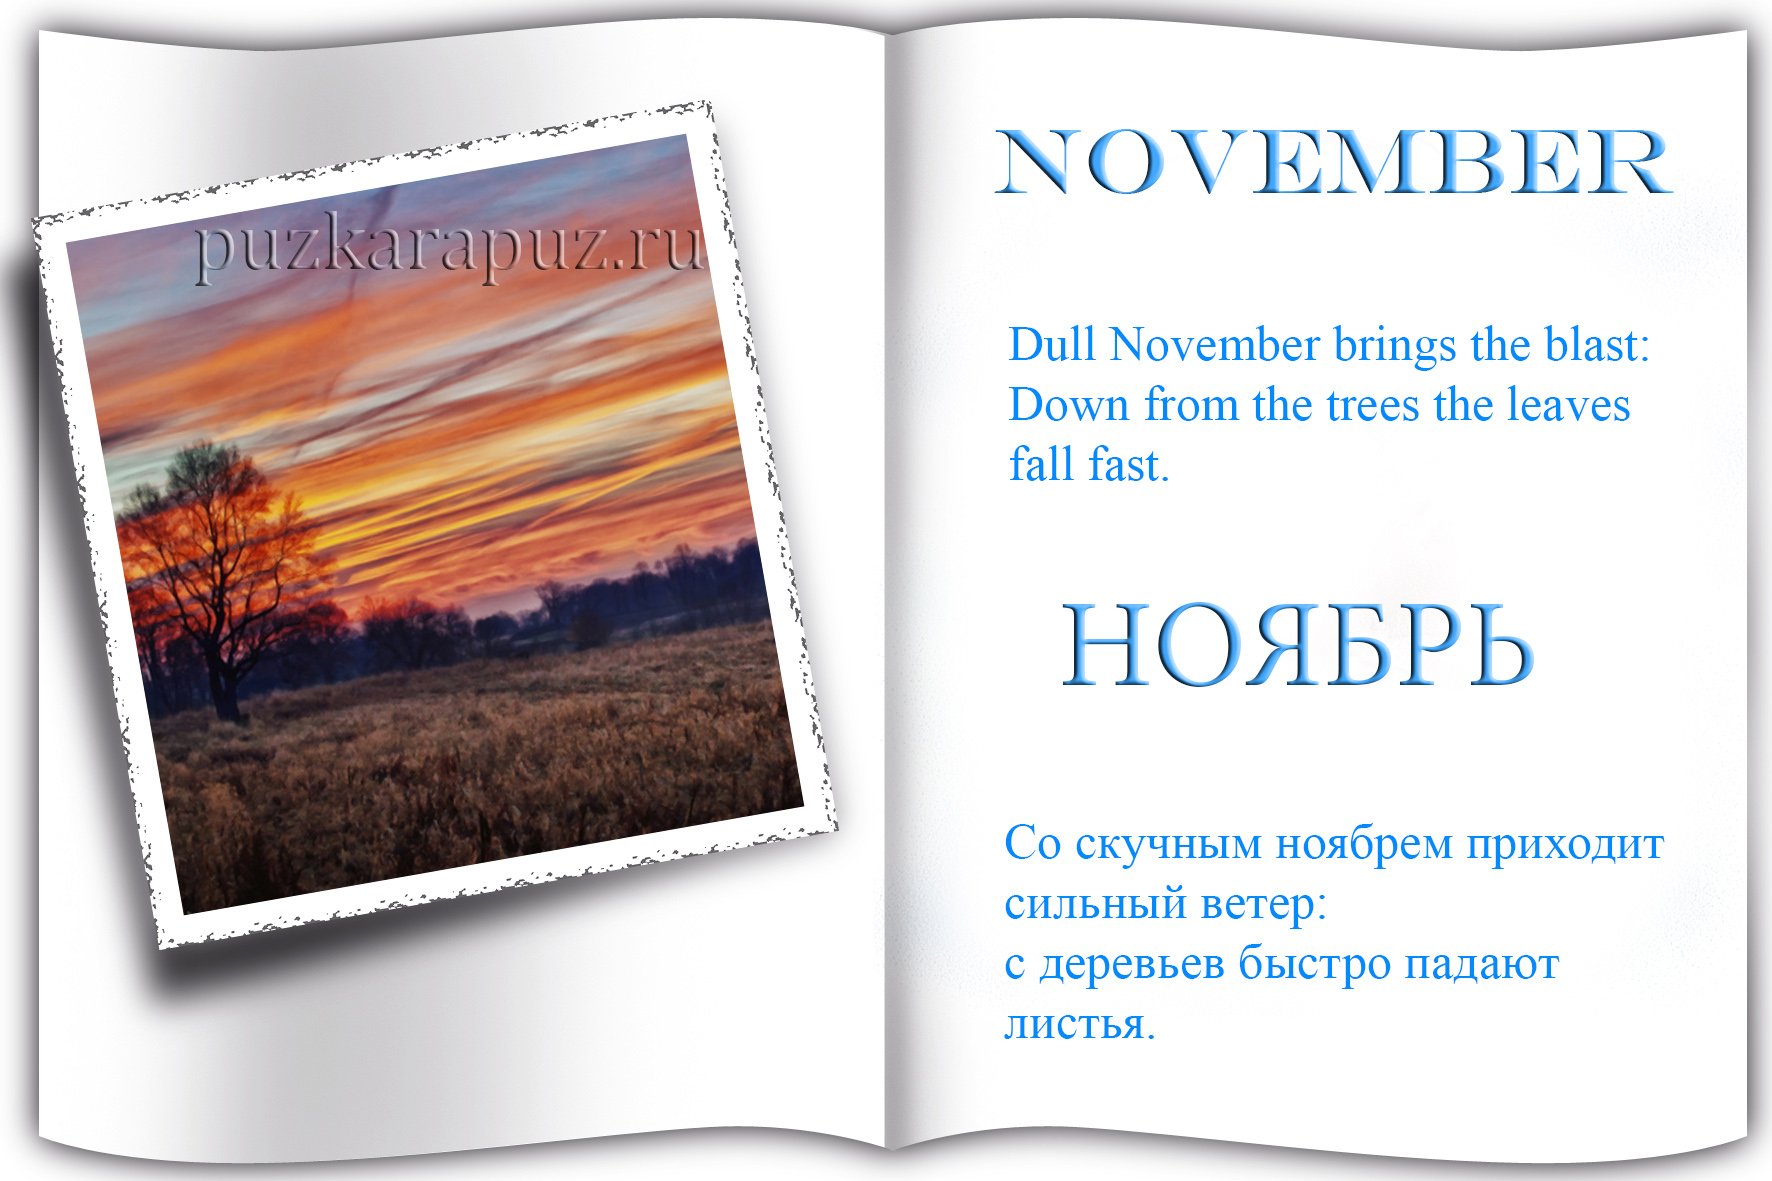 Цитаты на английском про зиму с переводом 142